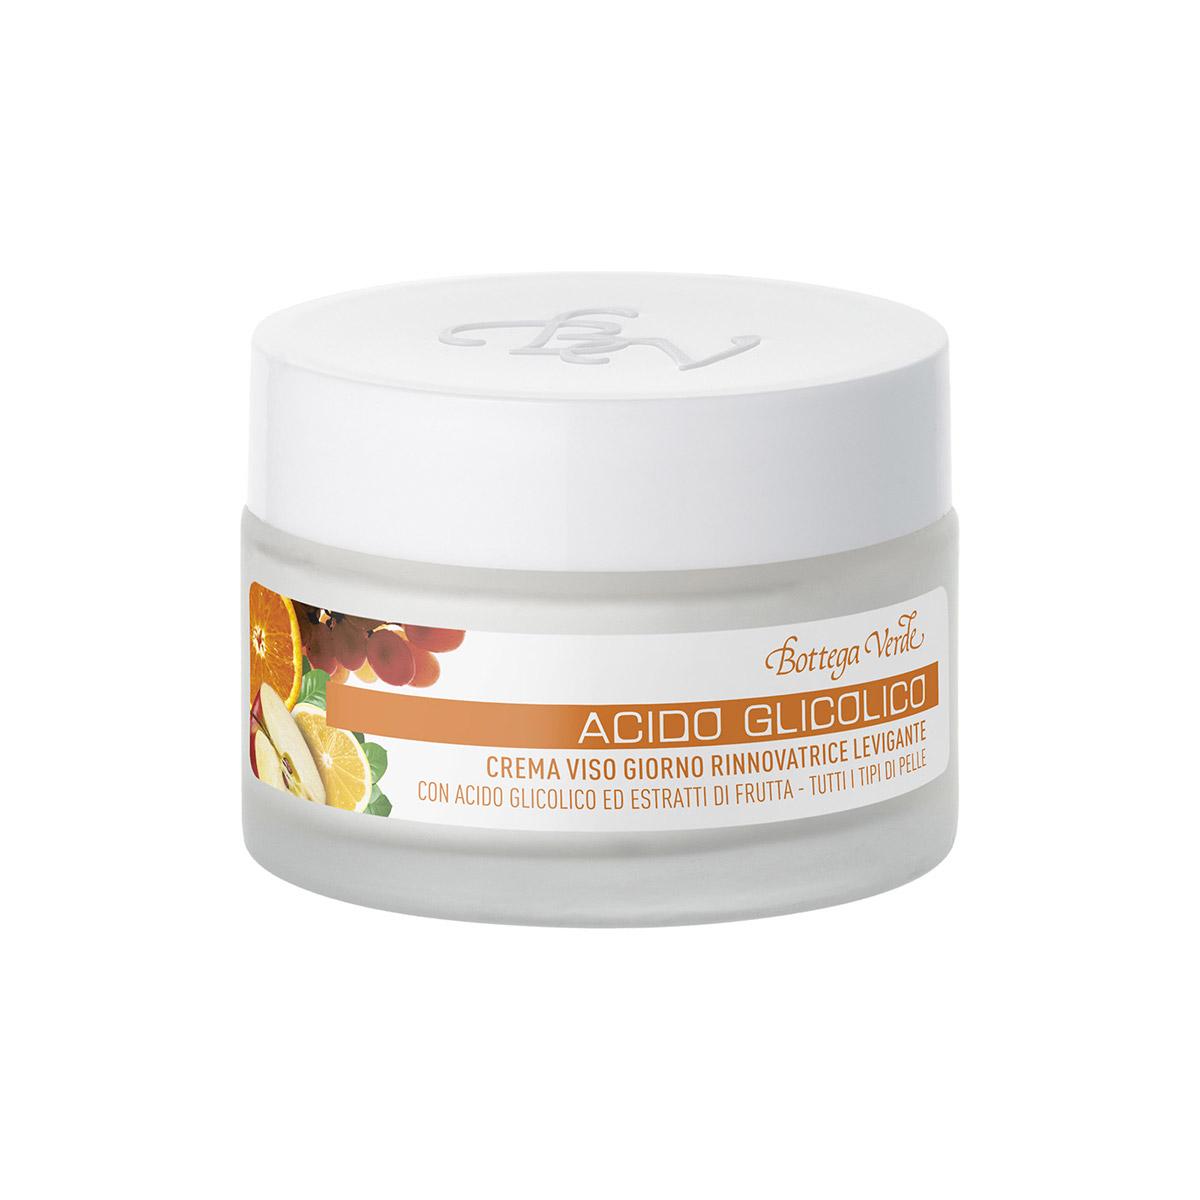 Acido Glicolico - Crema viso giorno rinnovatrice levigante